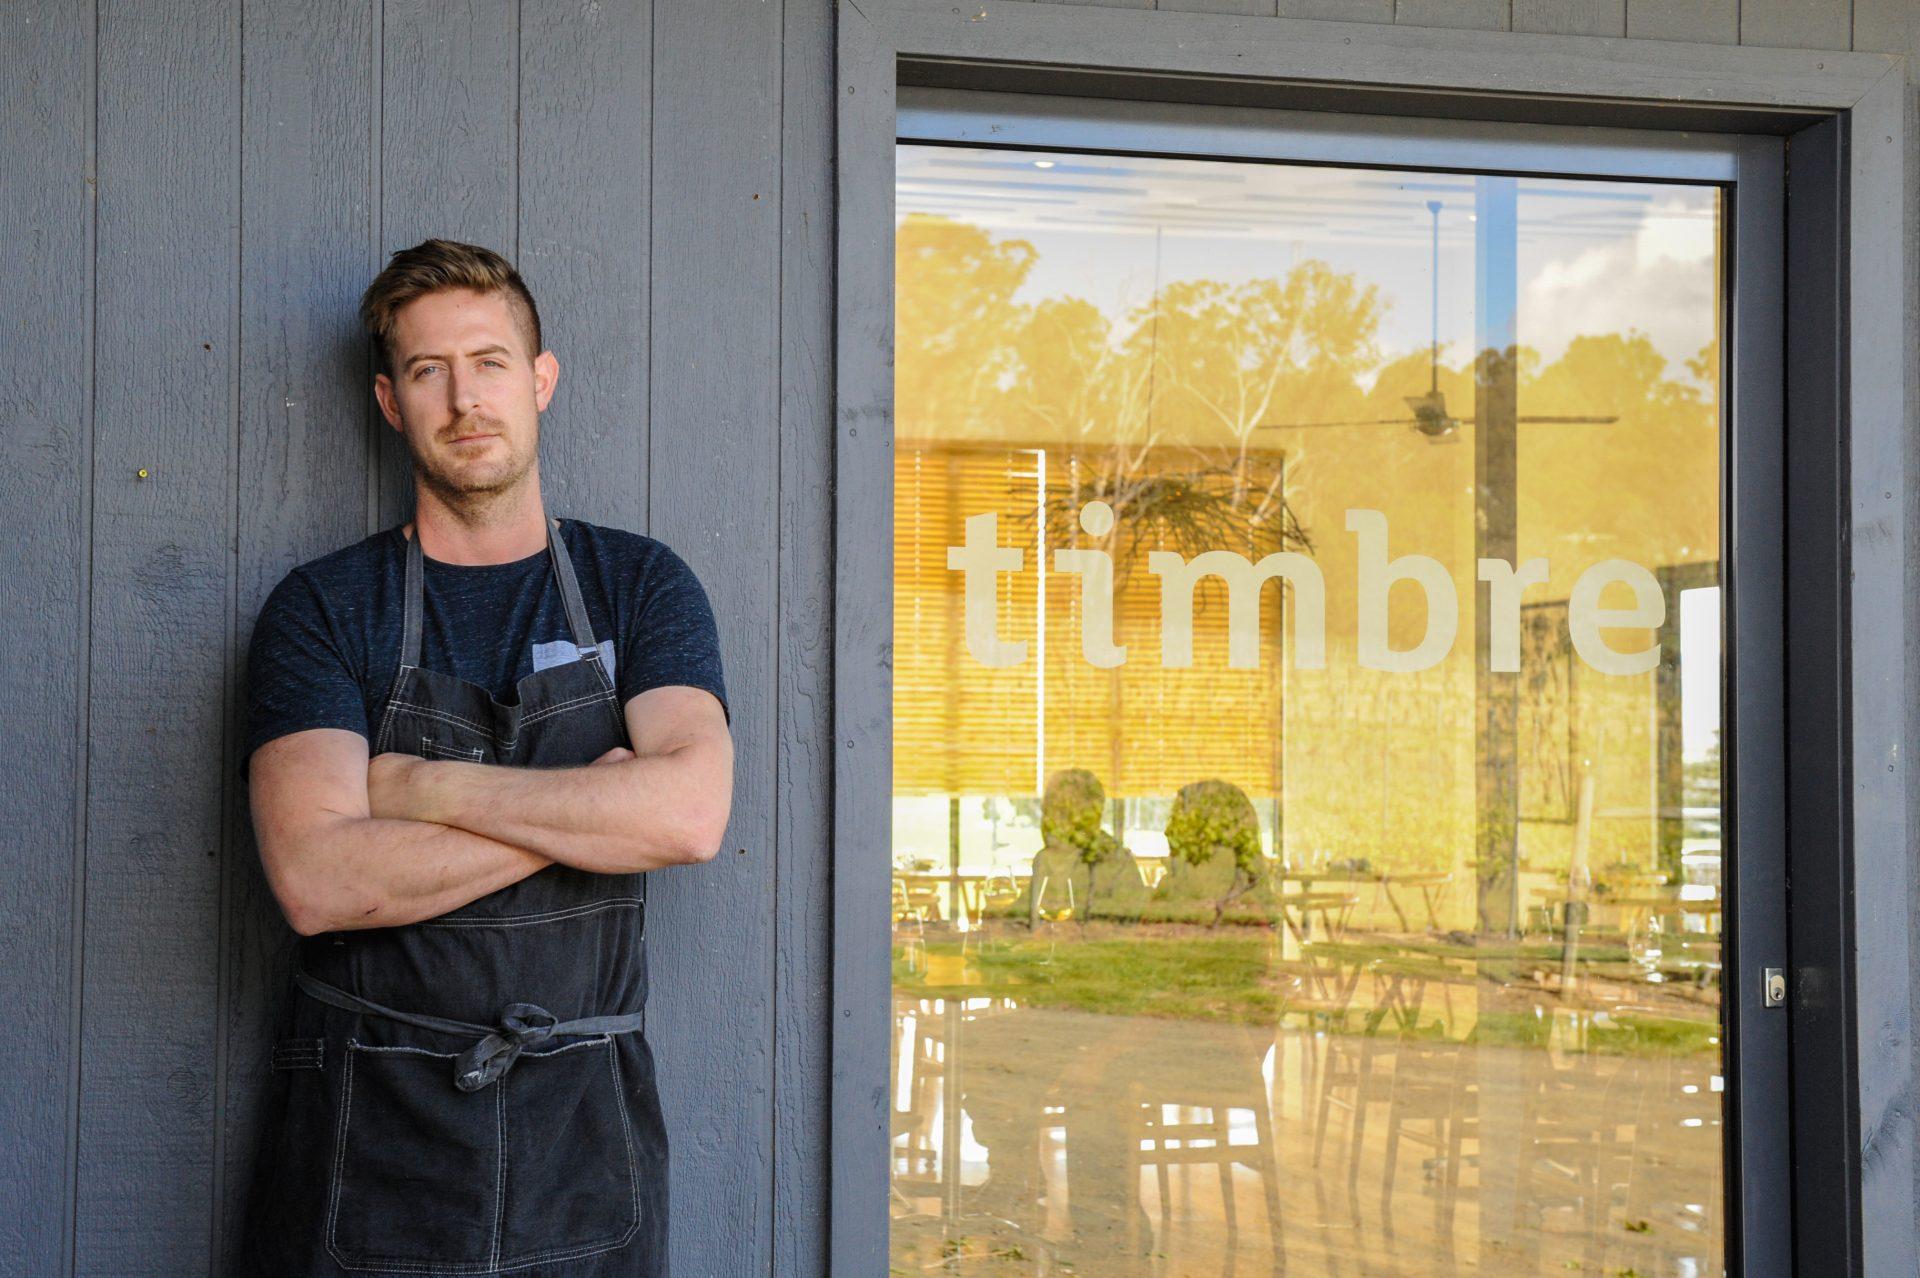 Chef Profile Image 1